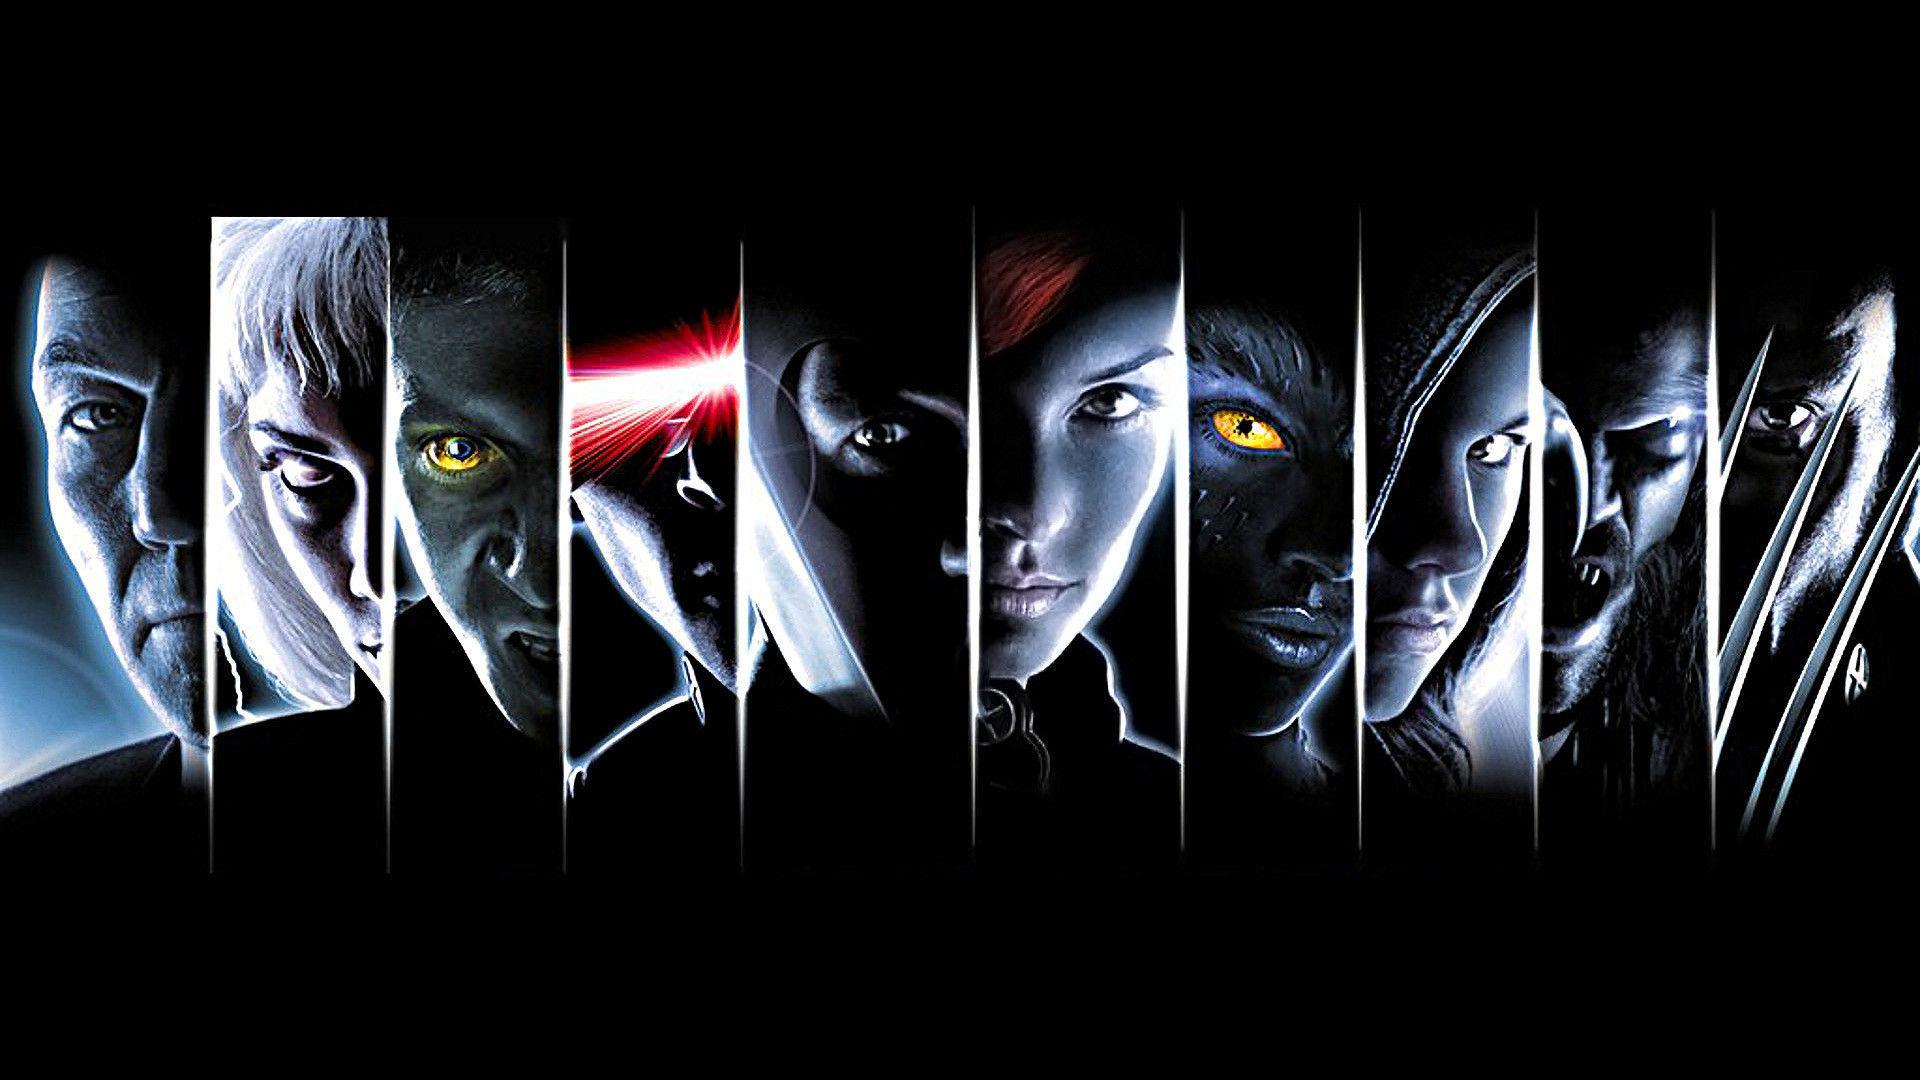 6787 - ¿Qué mutante de X-MEN escondes bajo tu piel?